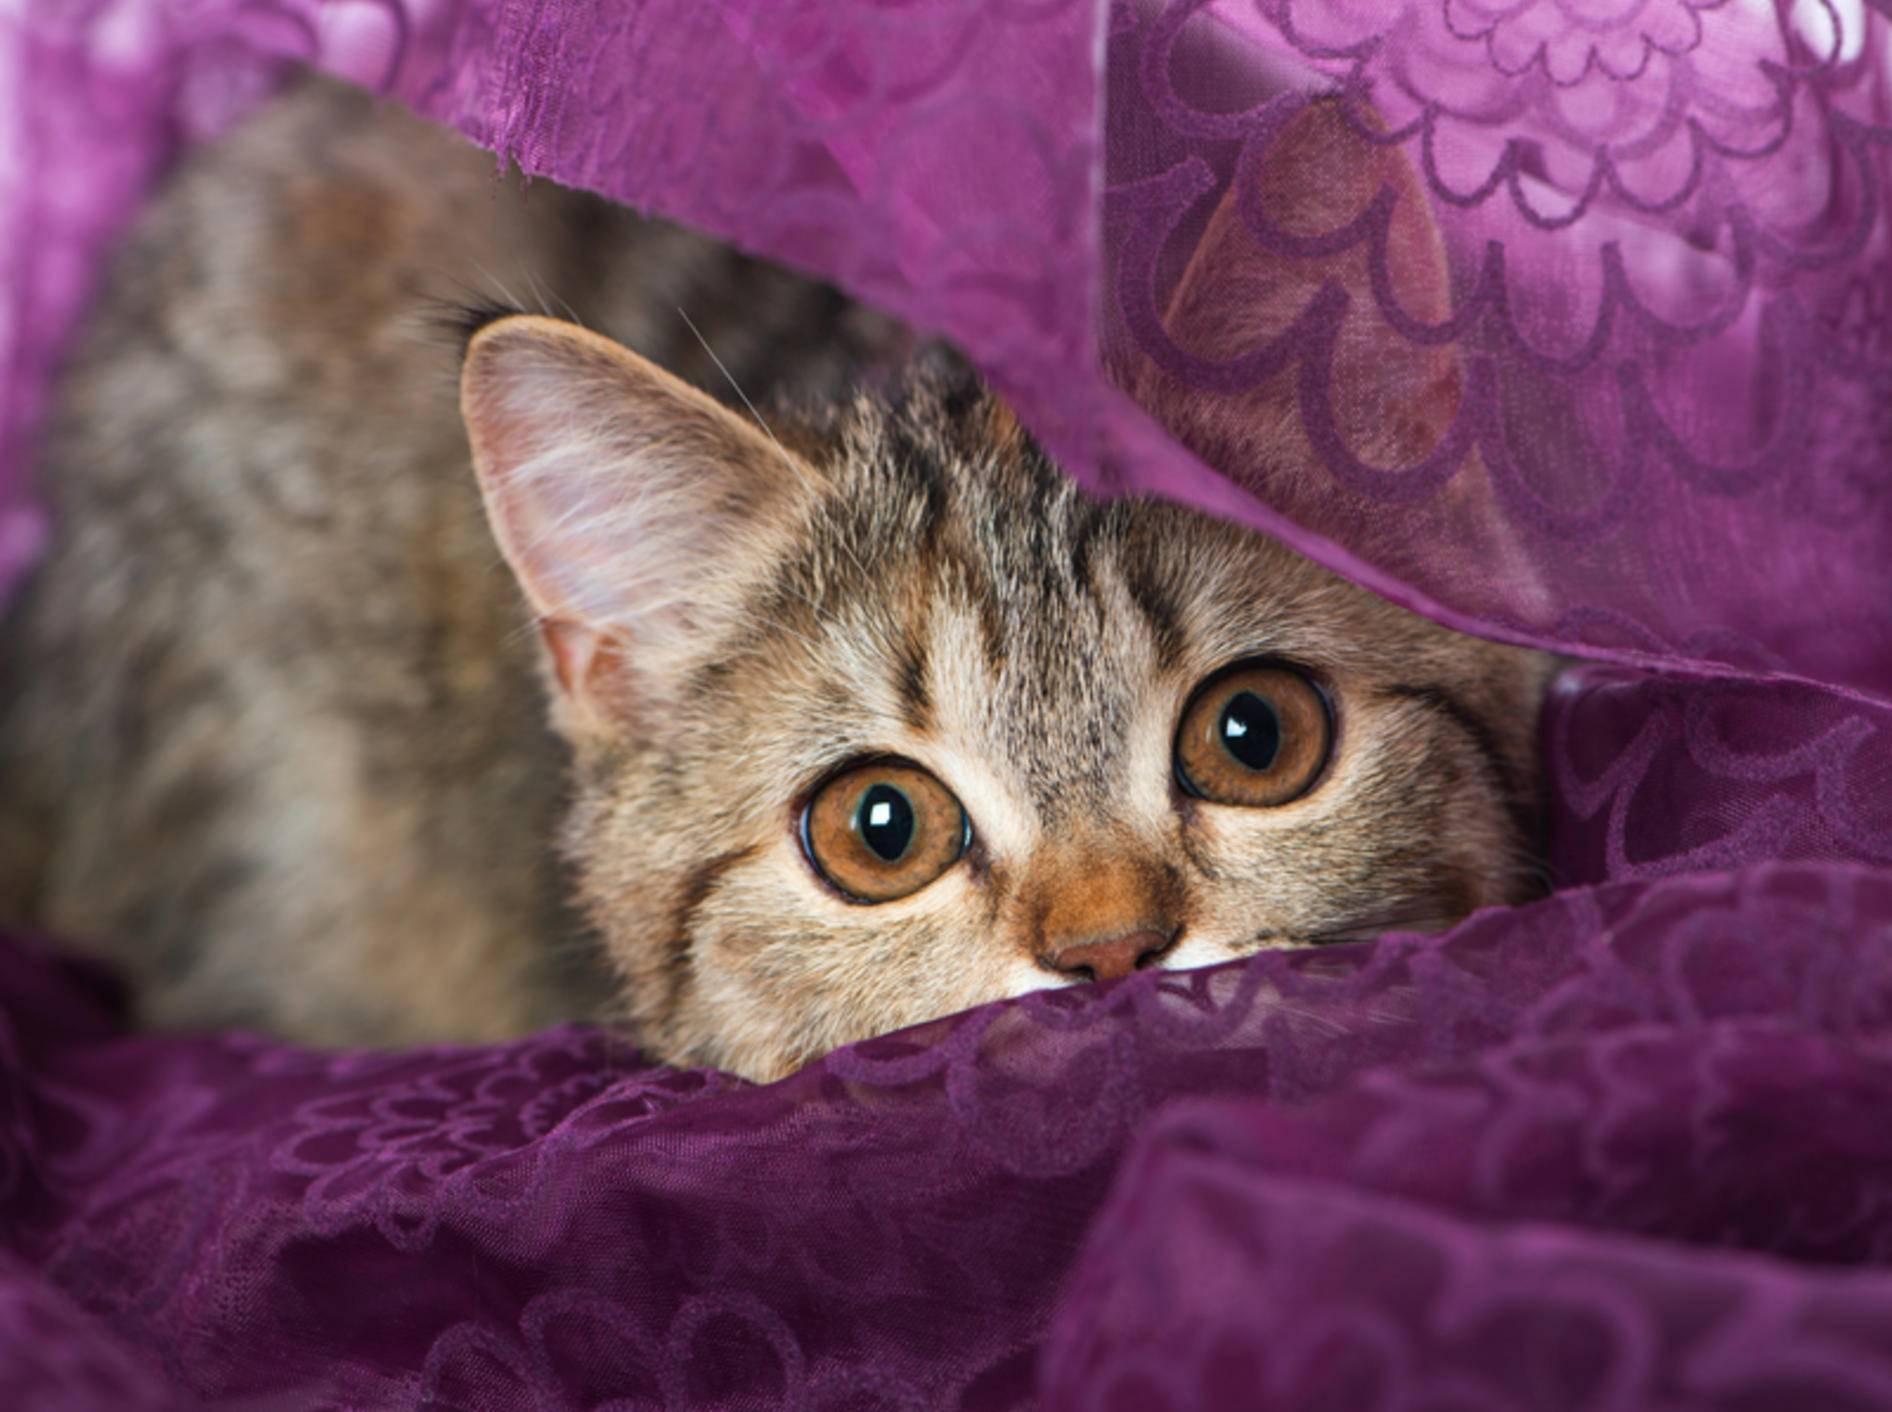 Ihre sonst muntere Katze versteckt sich und wirkt ängstlich? Solche Verhaltensauffälligkeiten sollten Sie aufmerksam beobachten – Shutterstock / Dora Zett